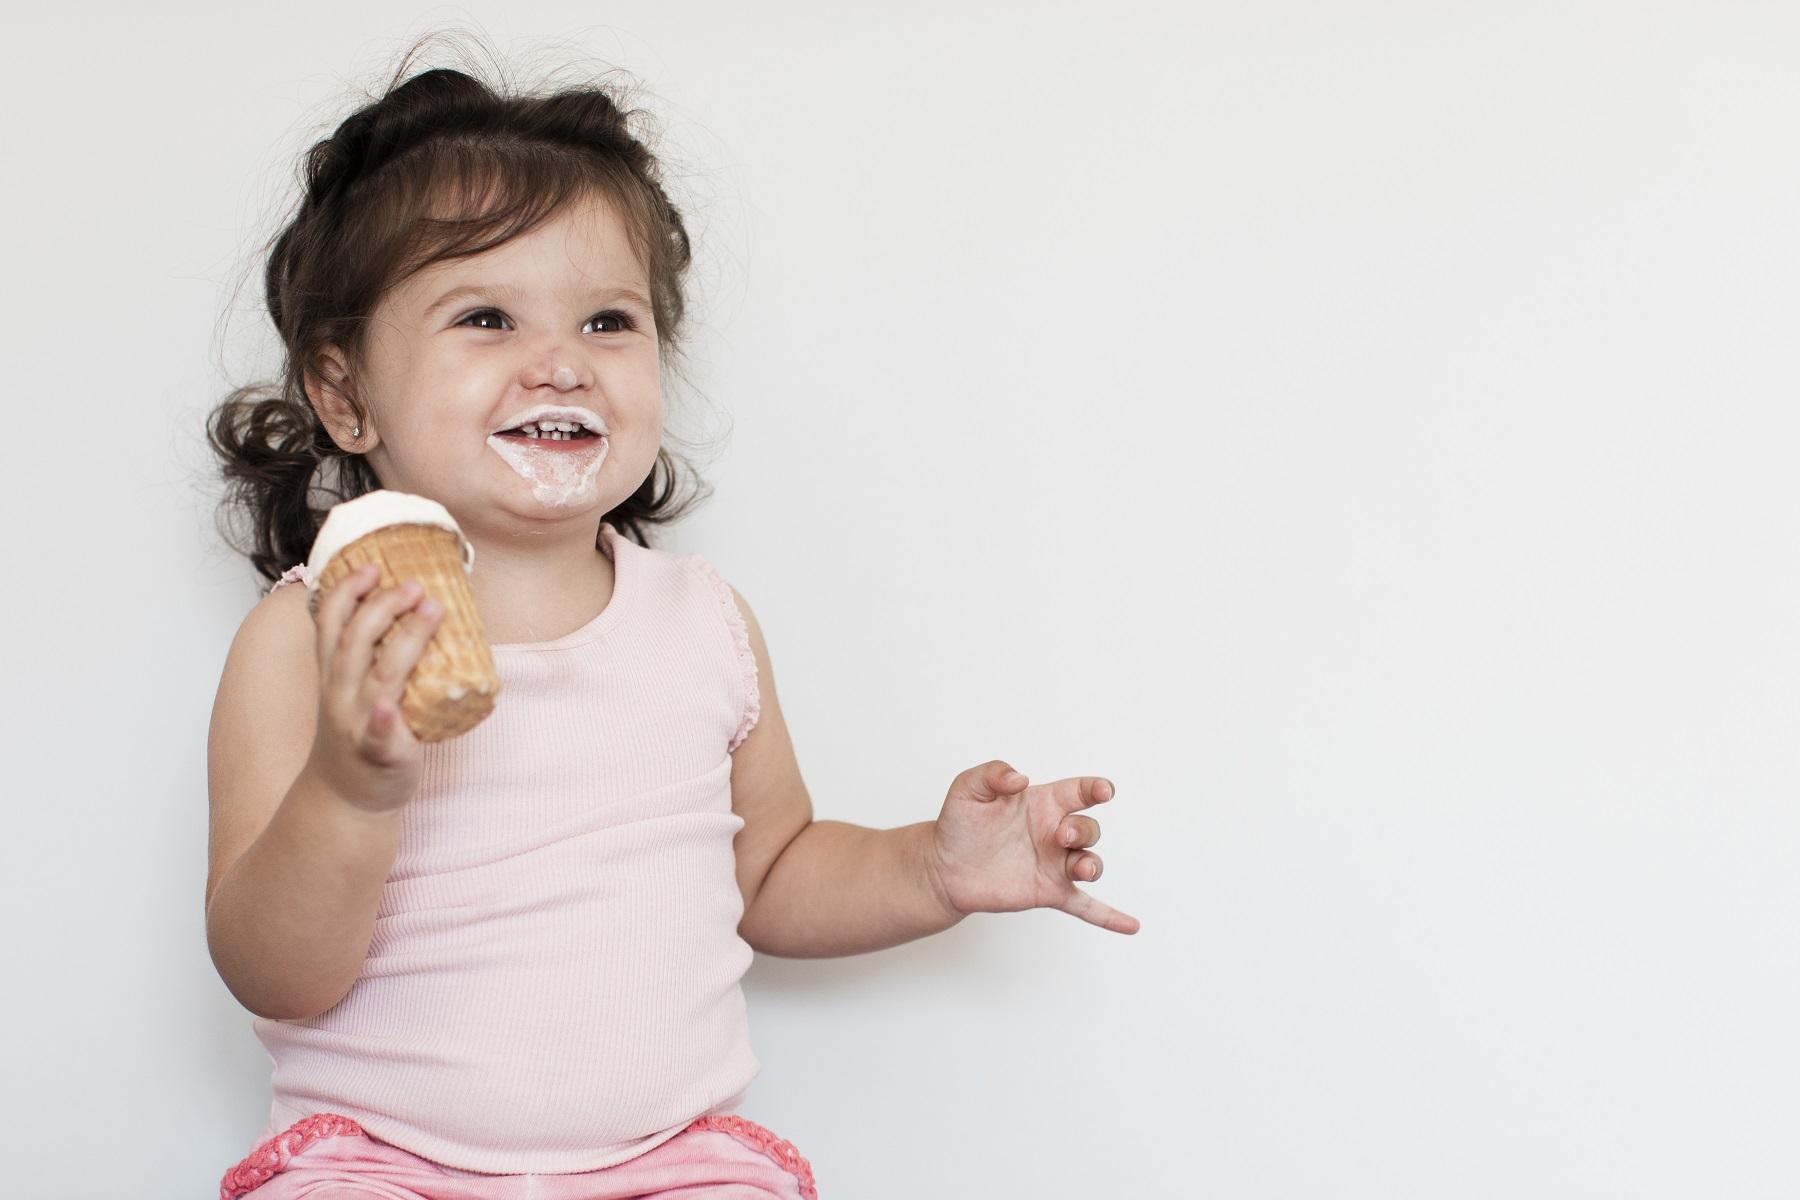 osvježavajući slatkiši